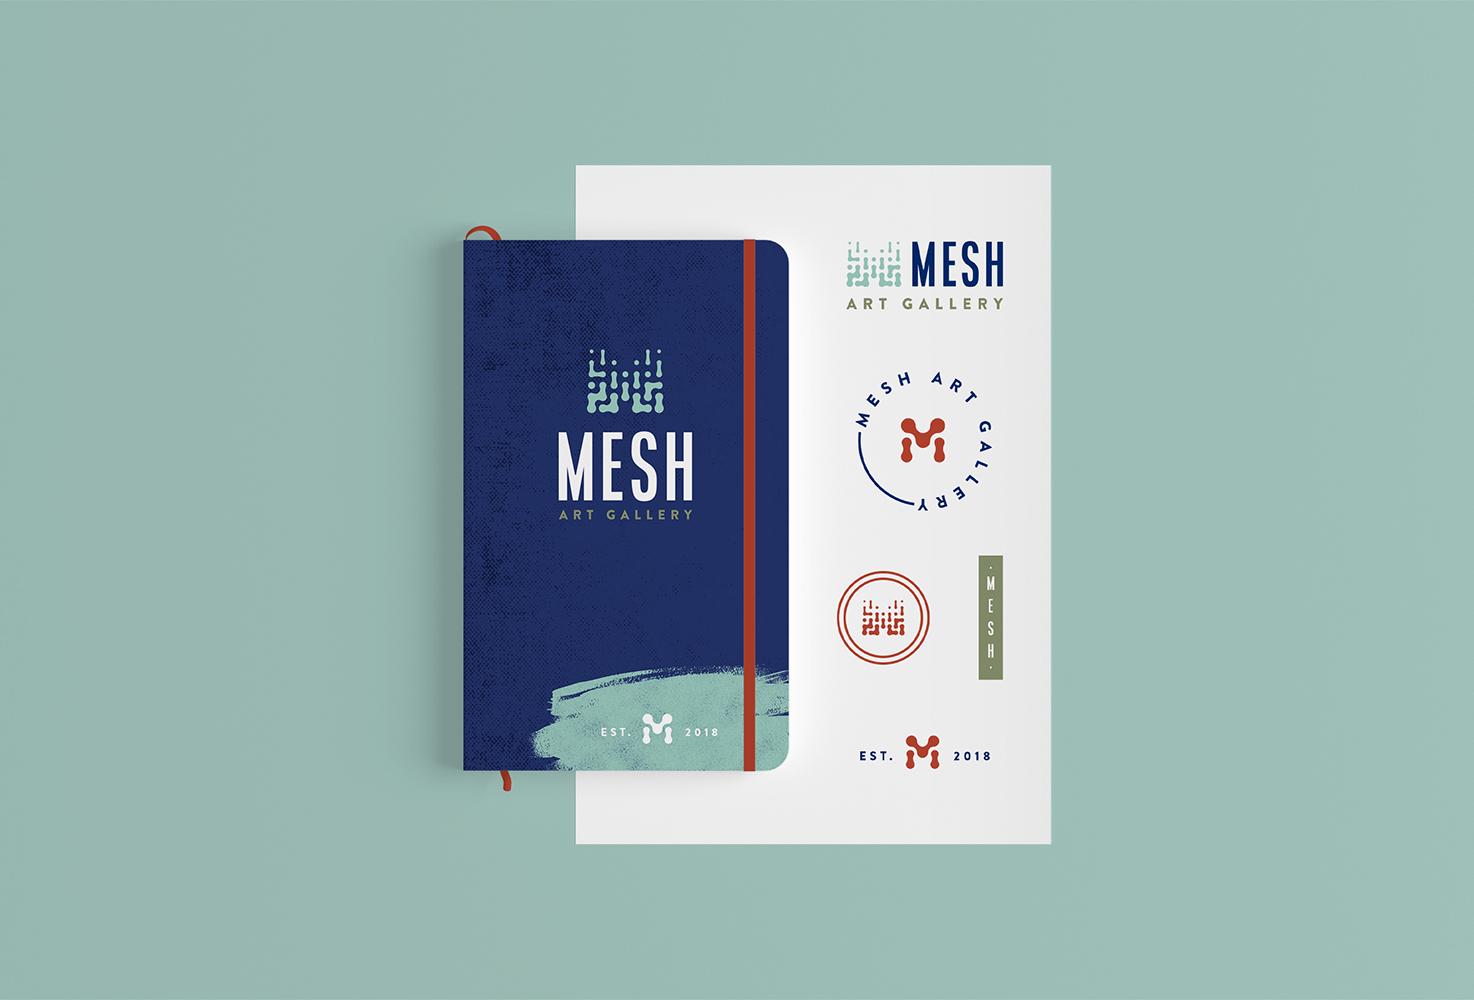 MESH_logos-misc.jpg